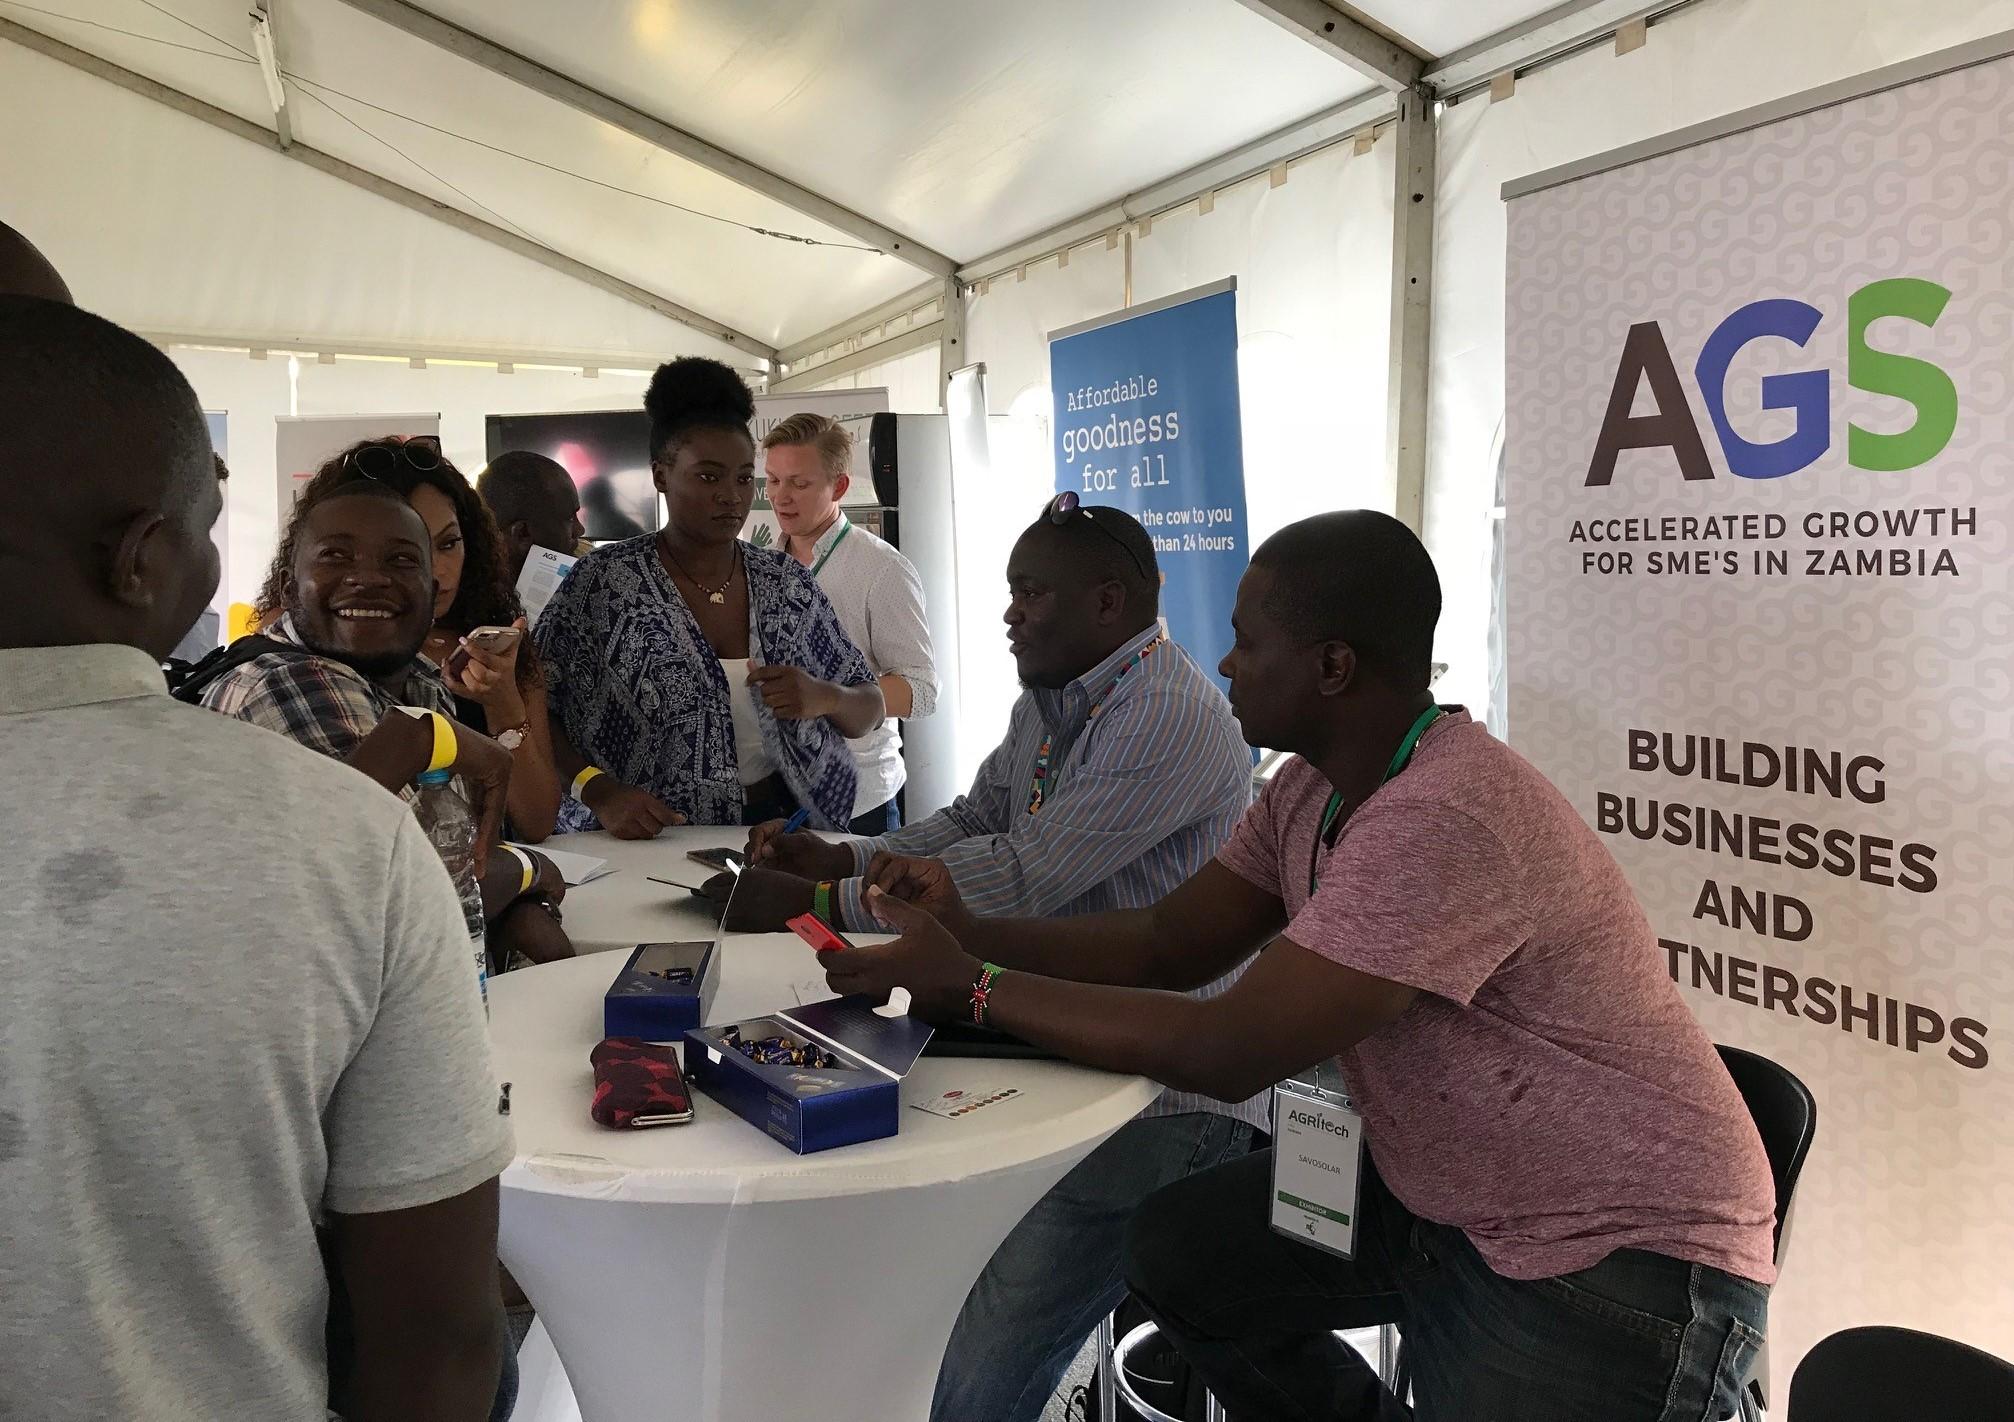 Verkostoitumista viime vuoden Agritech Expo -messuilla. Kuvassa on messuosasto ja messuvieraita esittelypöydän ääressä. Kuva: Pirjo Suomela-Chowdhury.